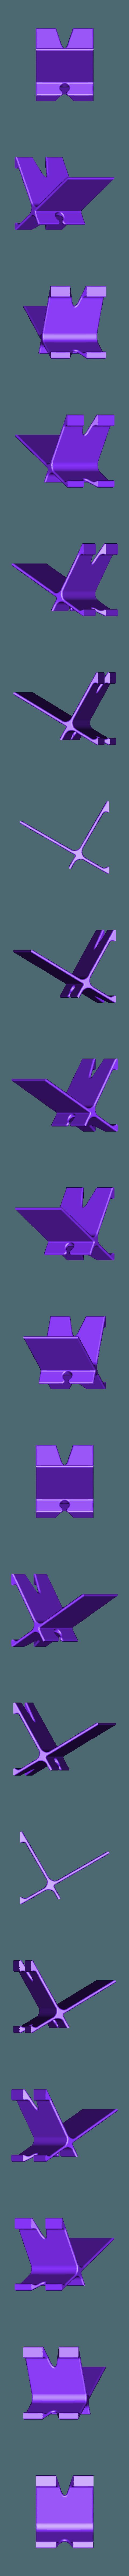 Phone_Stand.stl Télécharger fichier STL gratuit Support de téléphone avec acheminement du câble • Plan pour imprimante 3D, mikedelcastillo